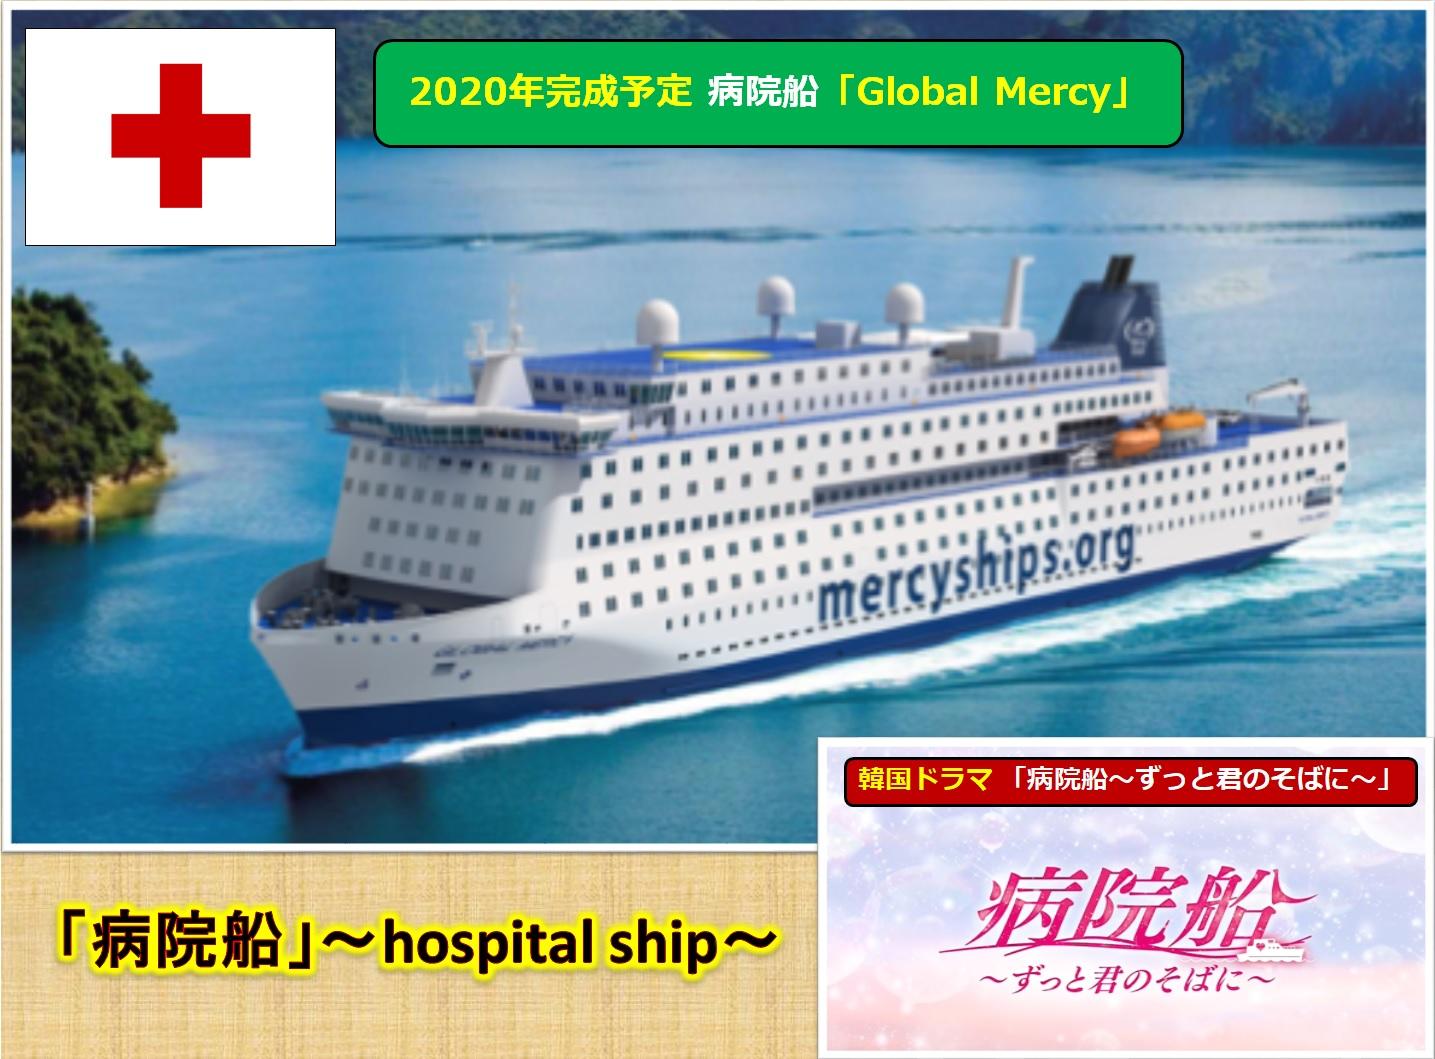 hospital_ship-0.jpg